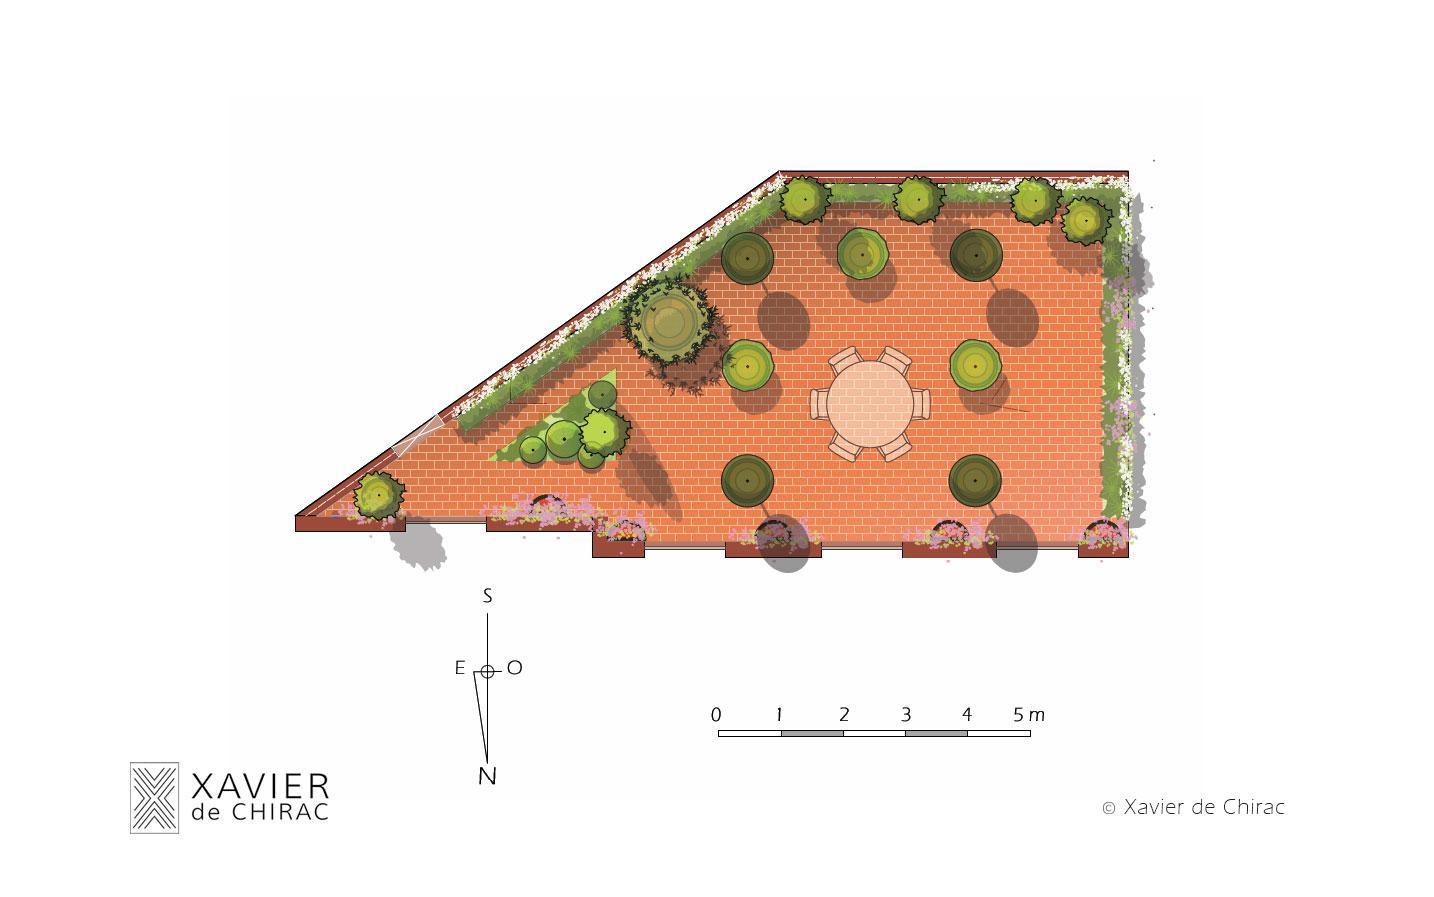 xavier de chirac conception de jardin et terrasse